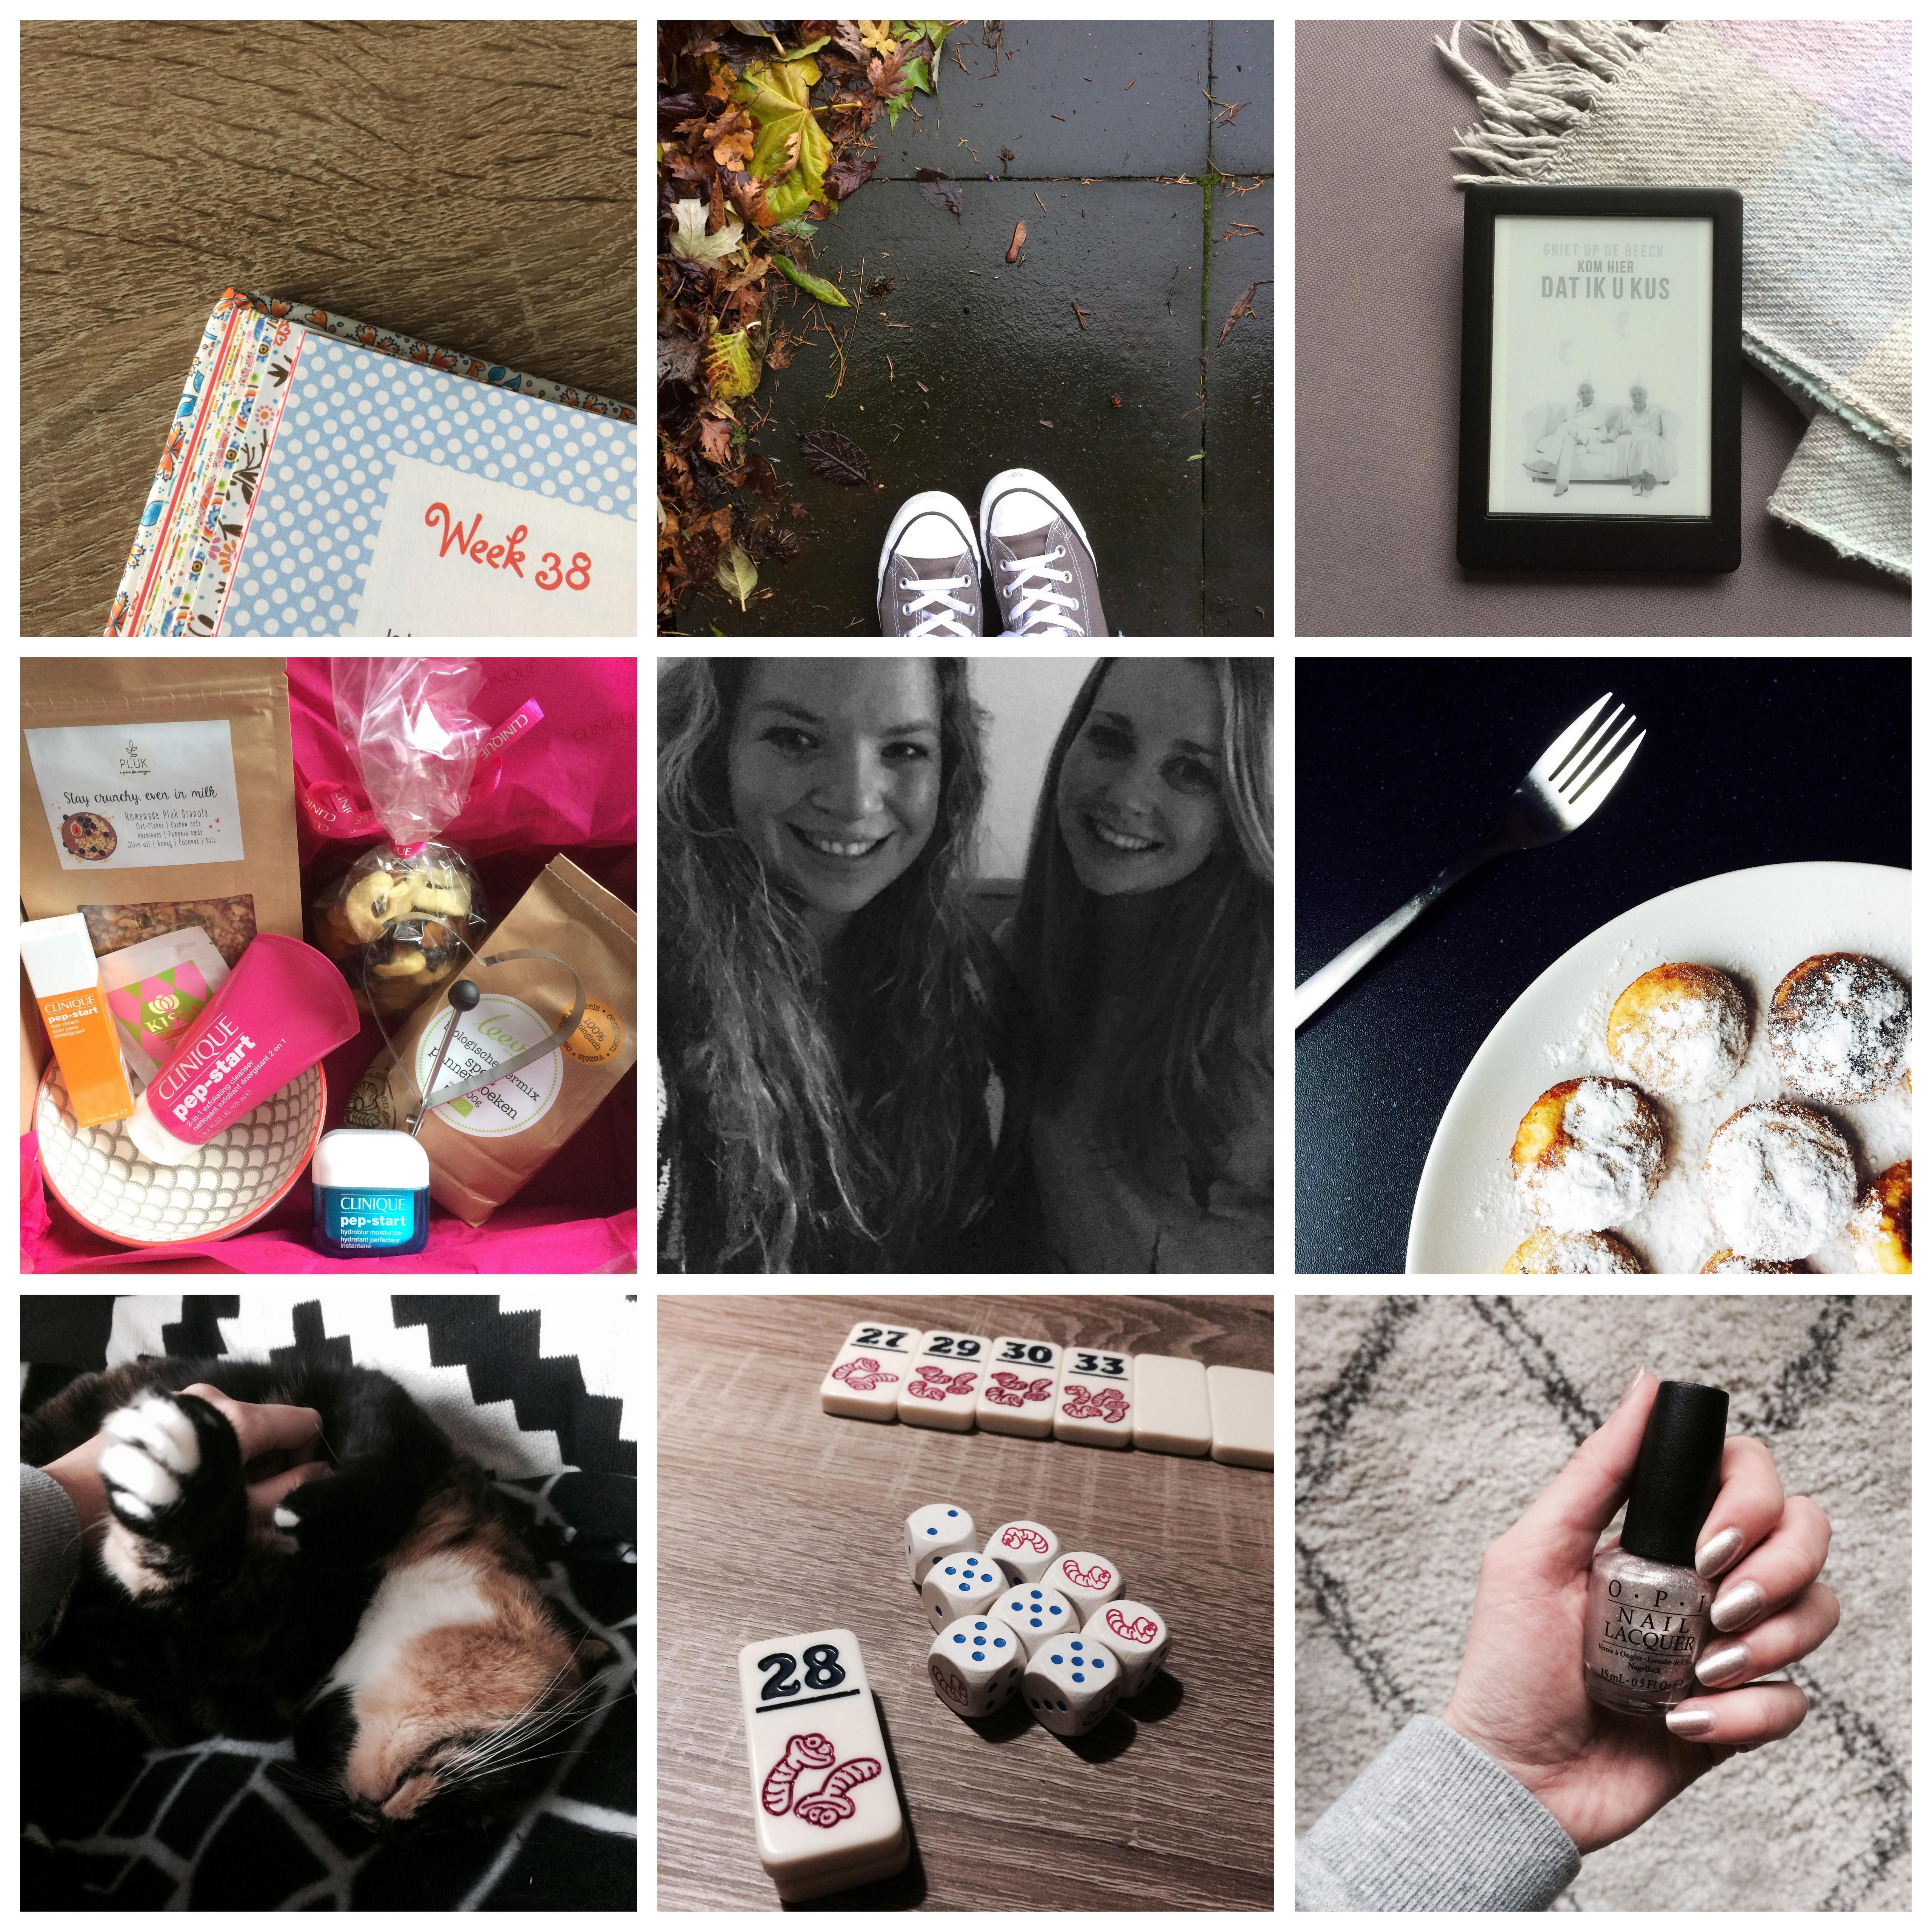 Plog 21/11 – Een dagje uit mijn hoogzwangere (verlof)leven